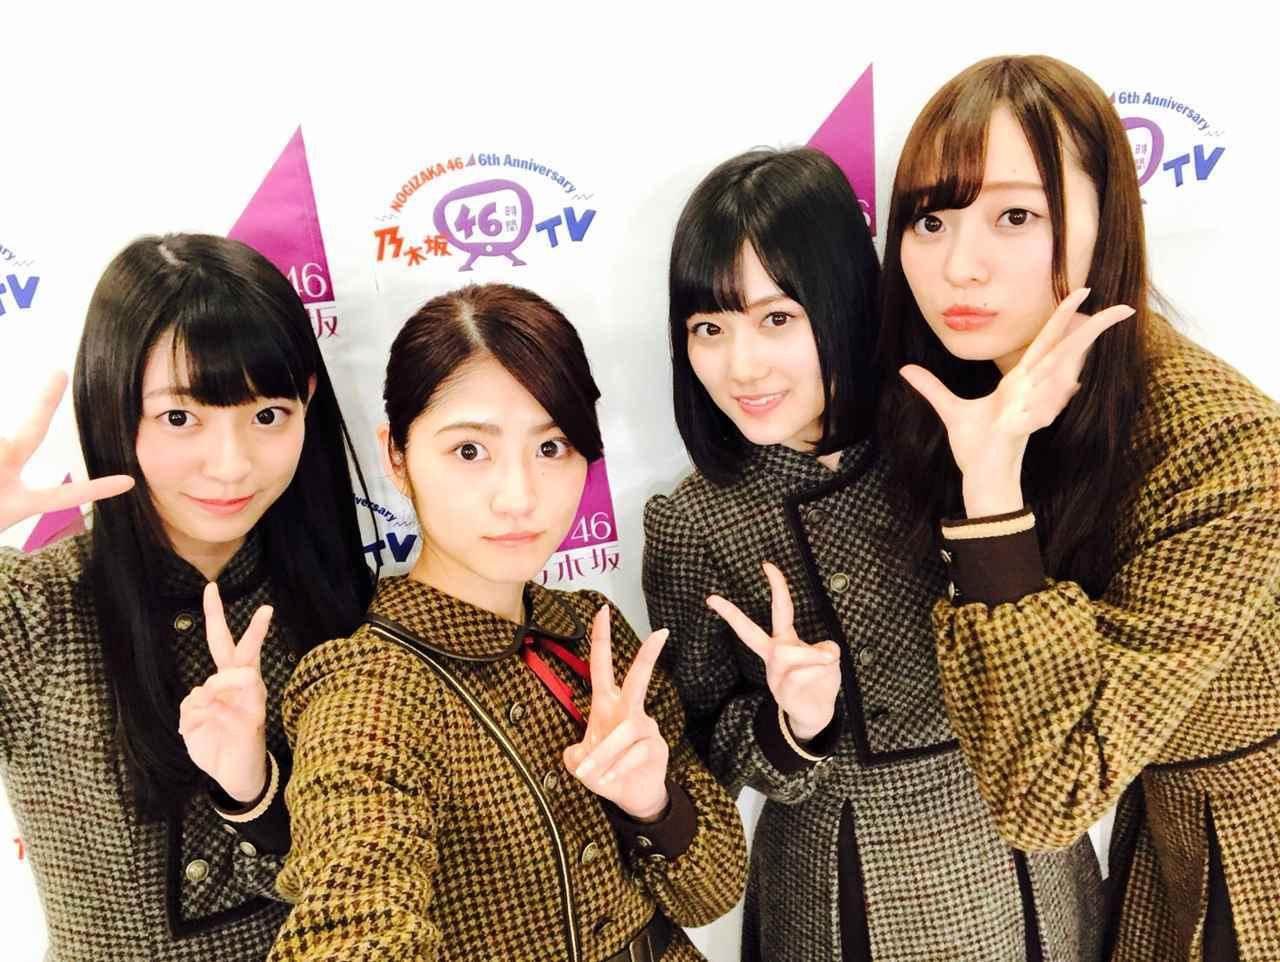 画像2: 『乃木坂46時間TV』内、若様軍団の冠番組をSHOWROOMにて独占生配信!